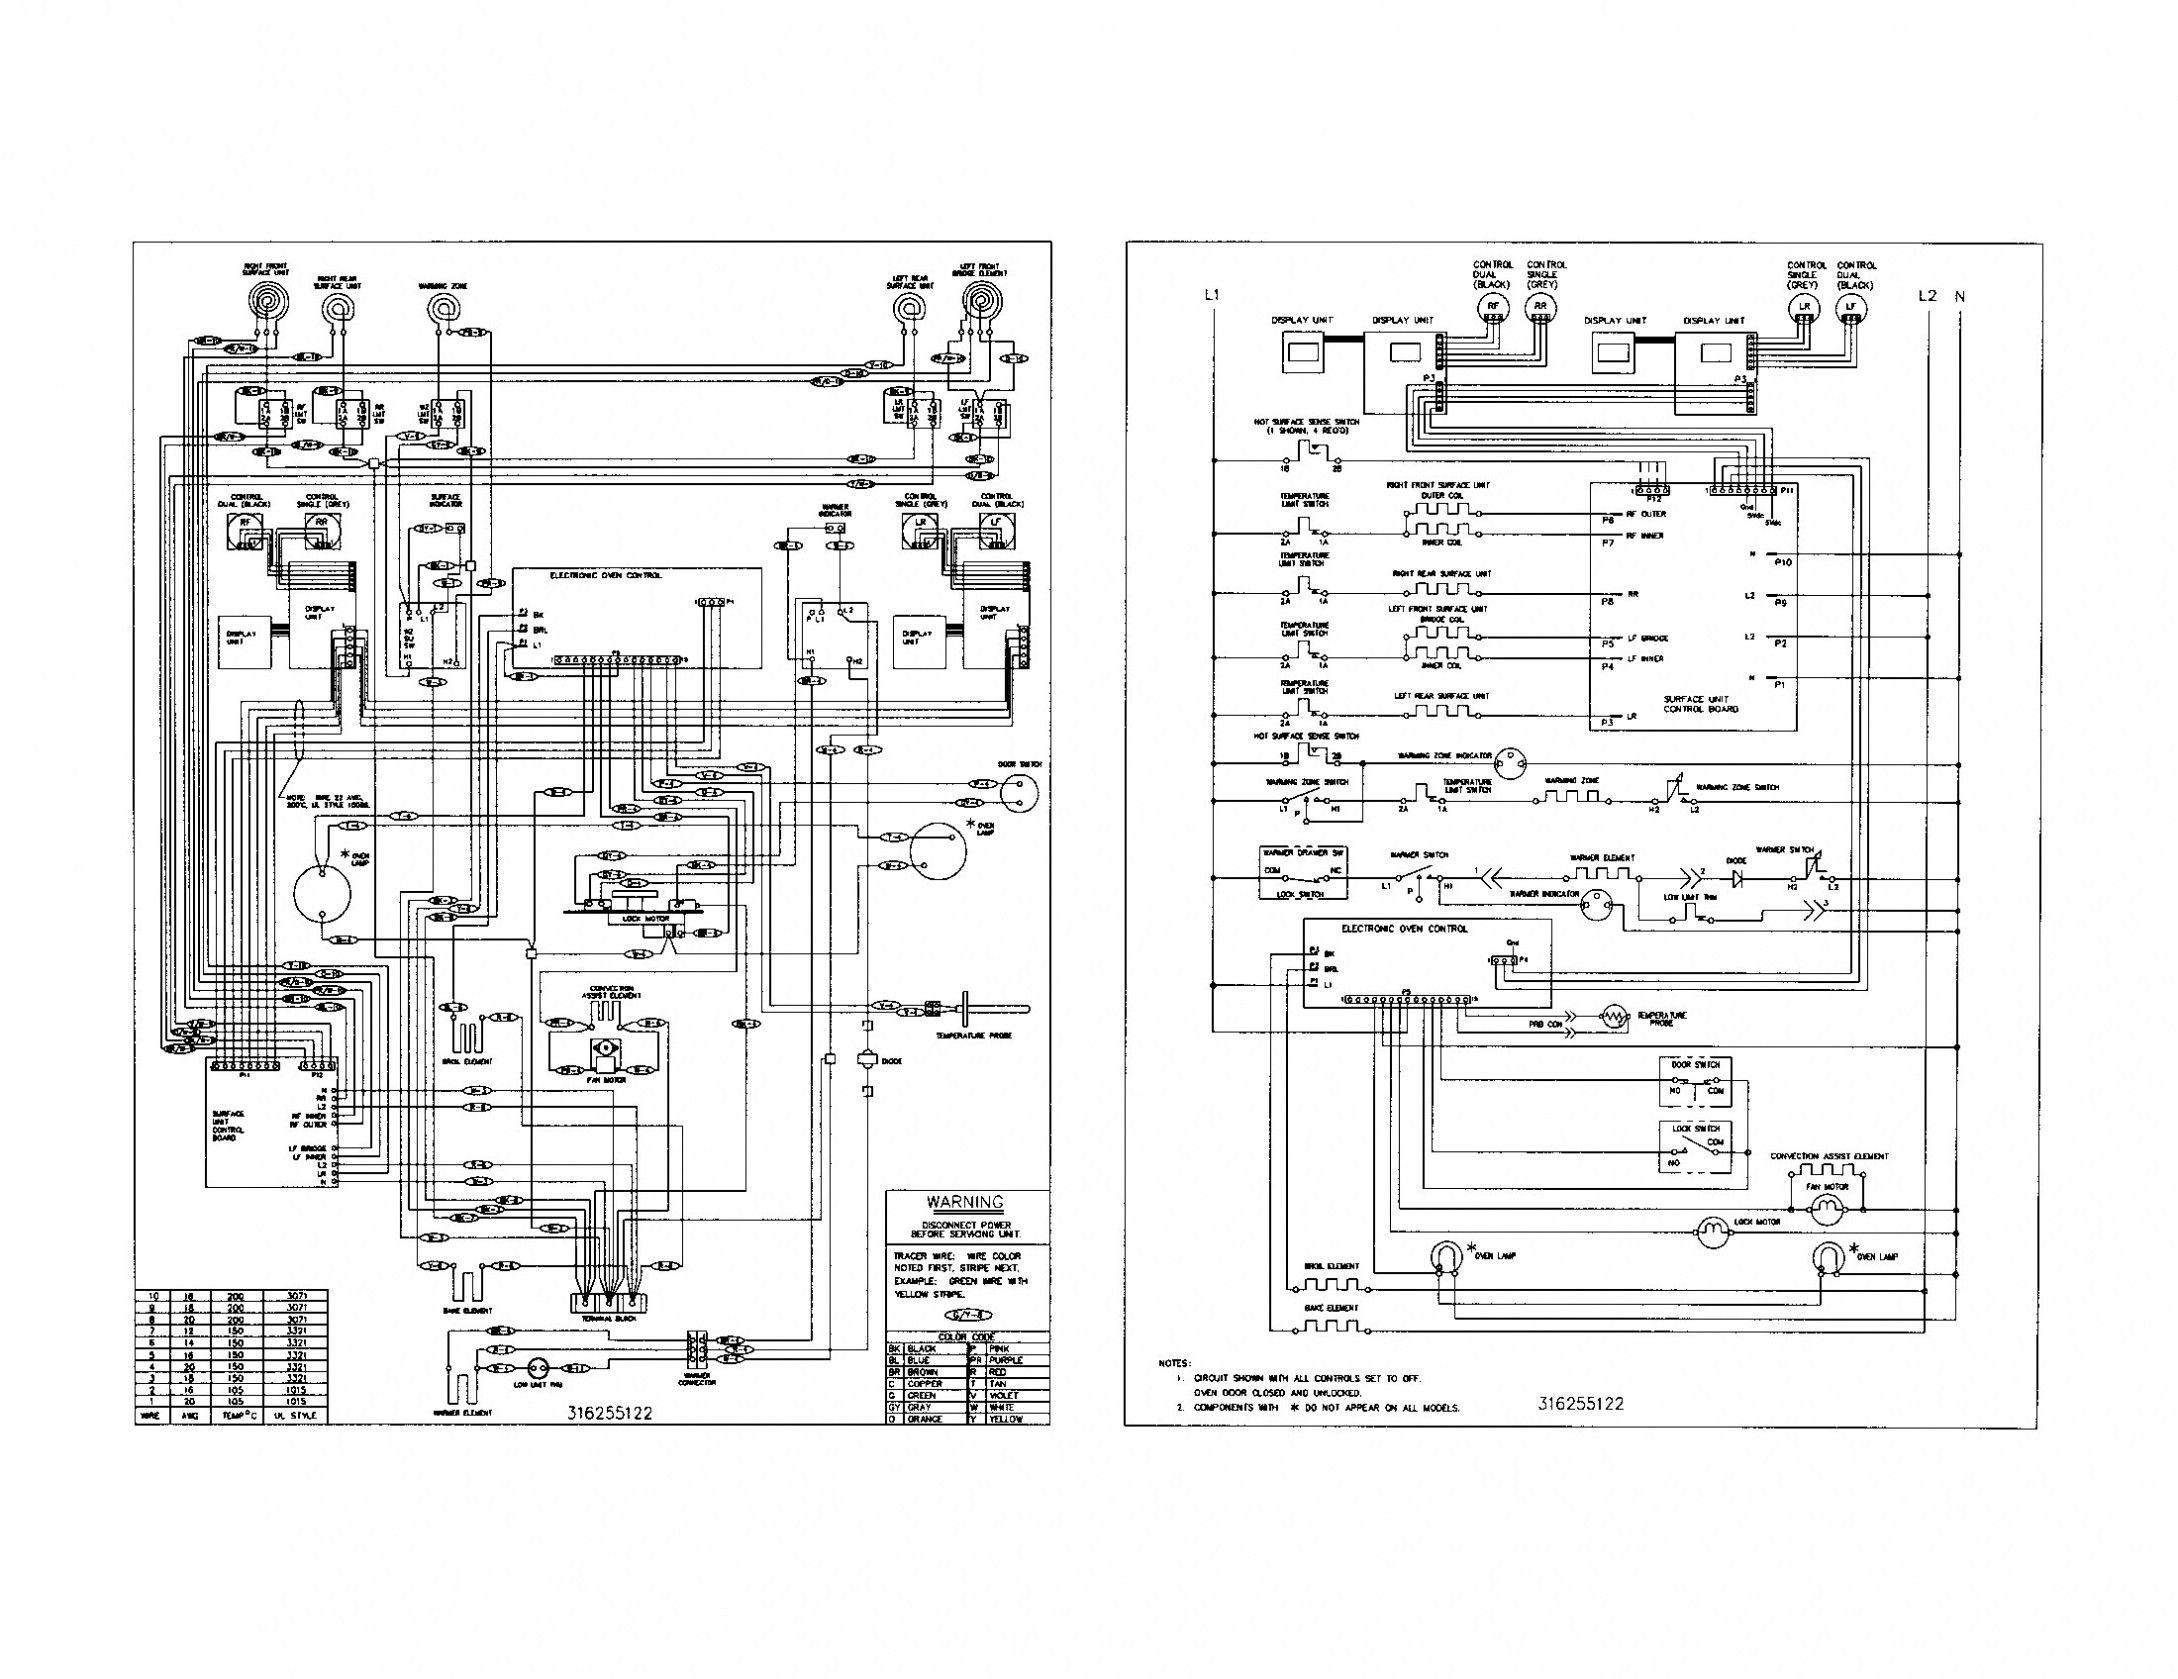 Unique Wiring Diagram For A Gfci Outlet Diagram